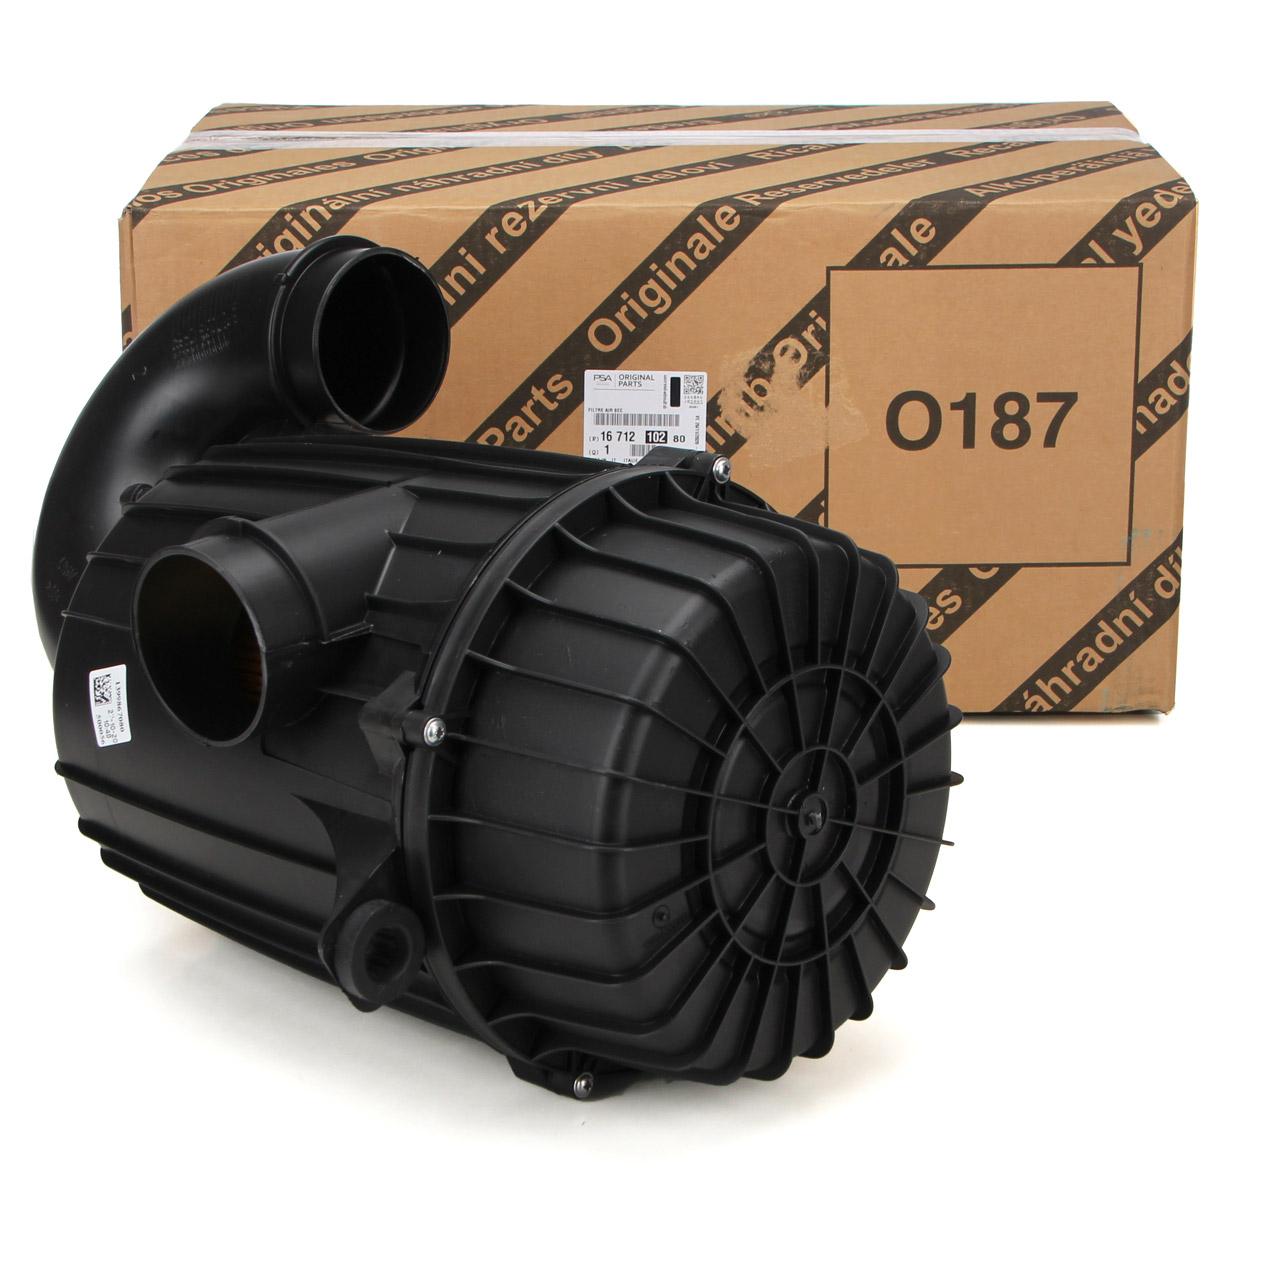 ORIGINAL PSA Luftfiltergehäuse Luftfilterkasten Jumper Boxer 1671210280